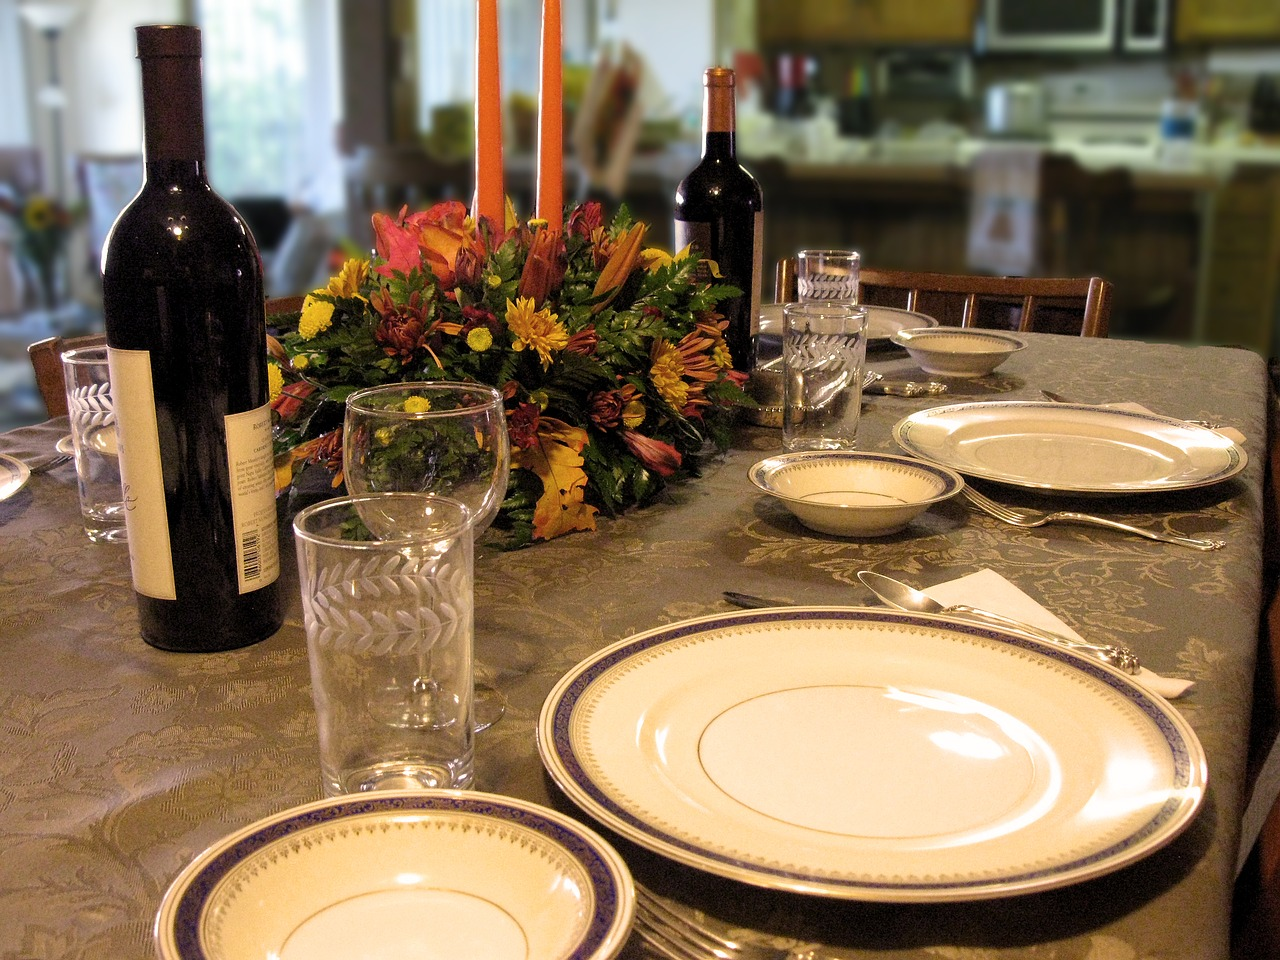 גבר מתעלל גם בארוחות משפחתיות